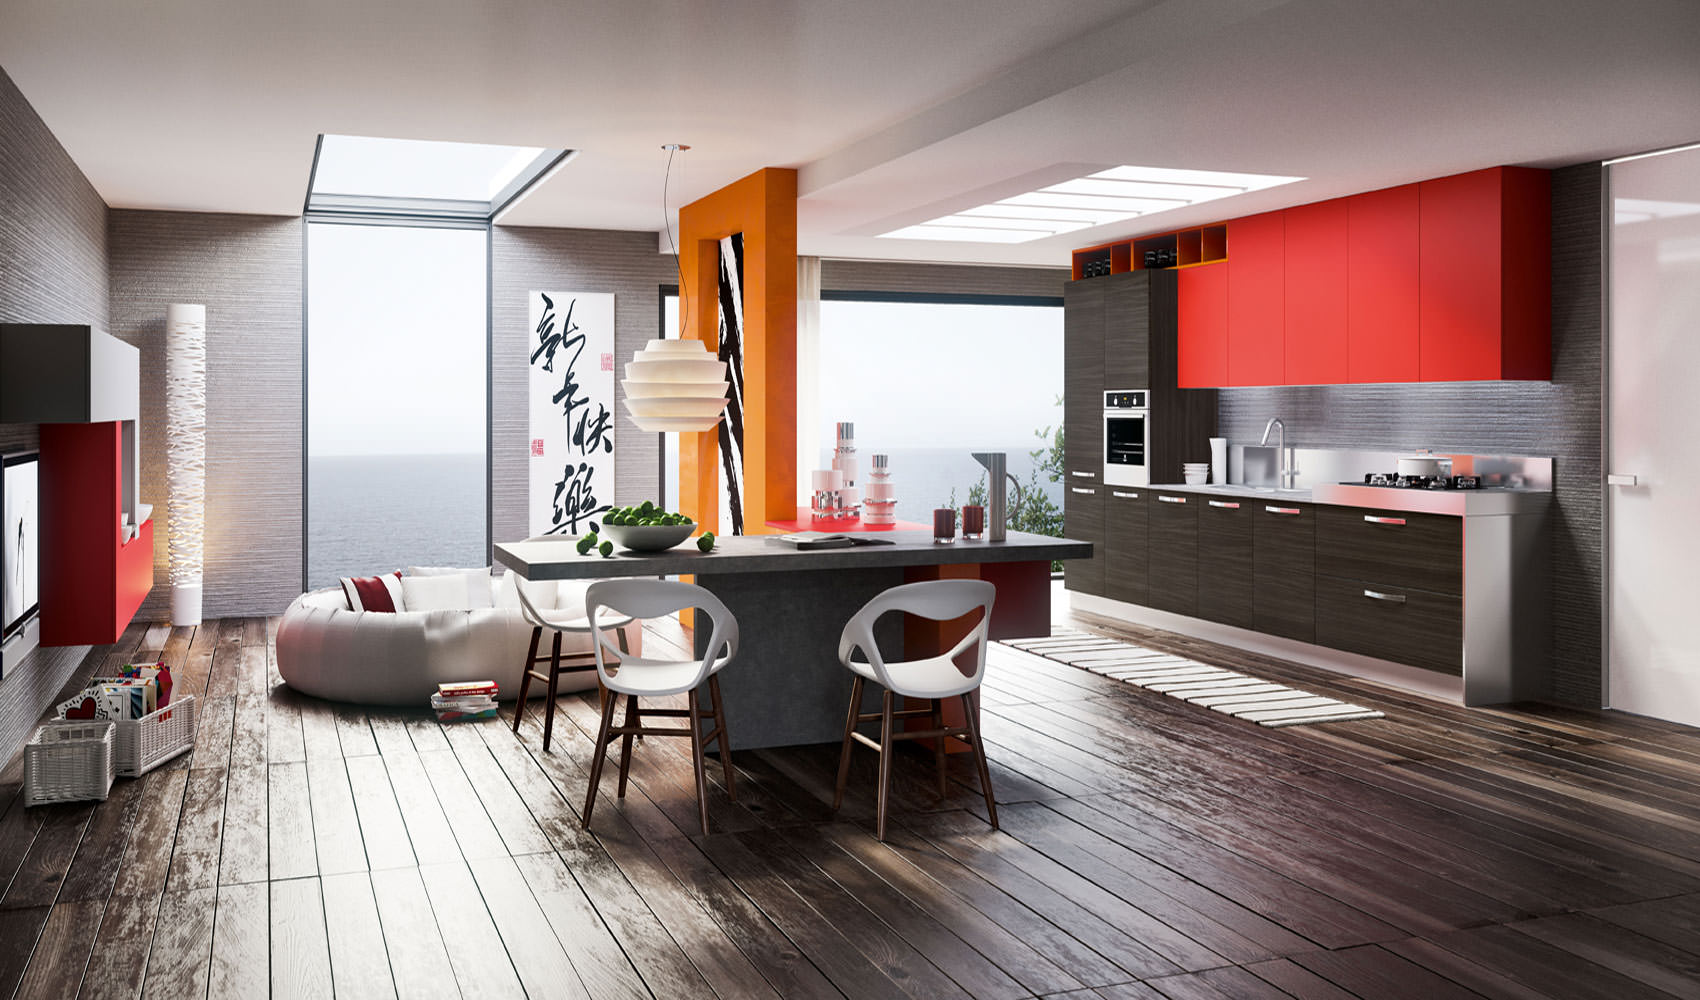 «Милана» (17) лофт, прямая, островная, студия, коричневый, красный